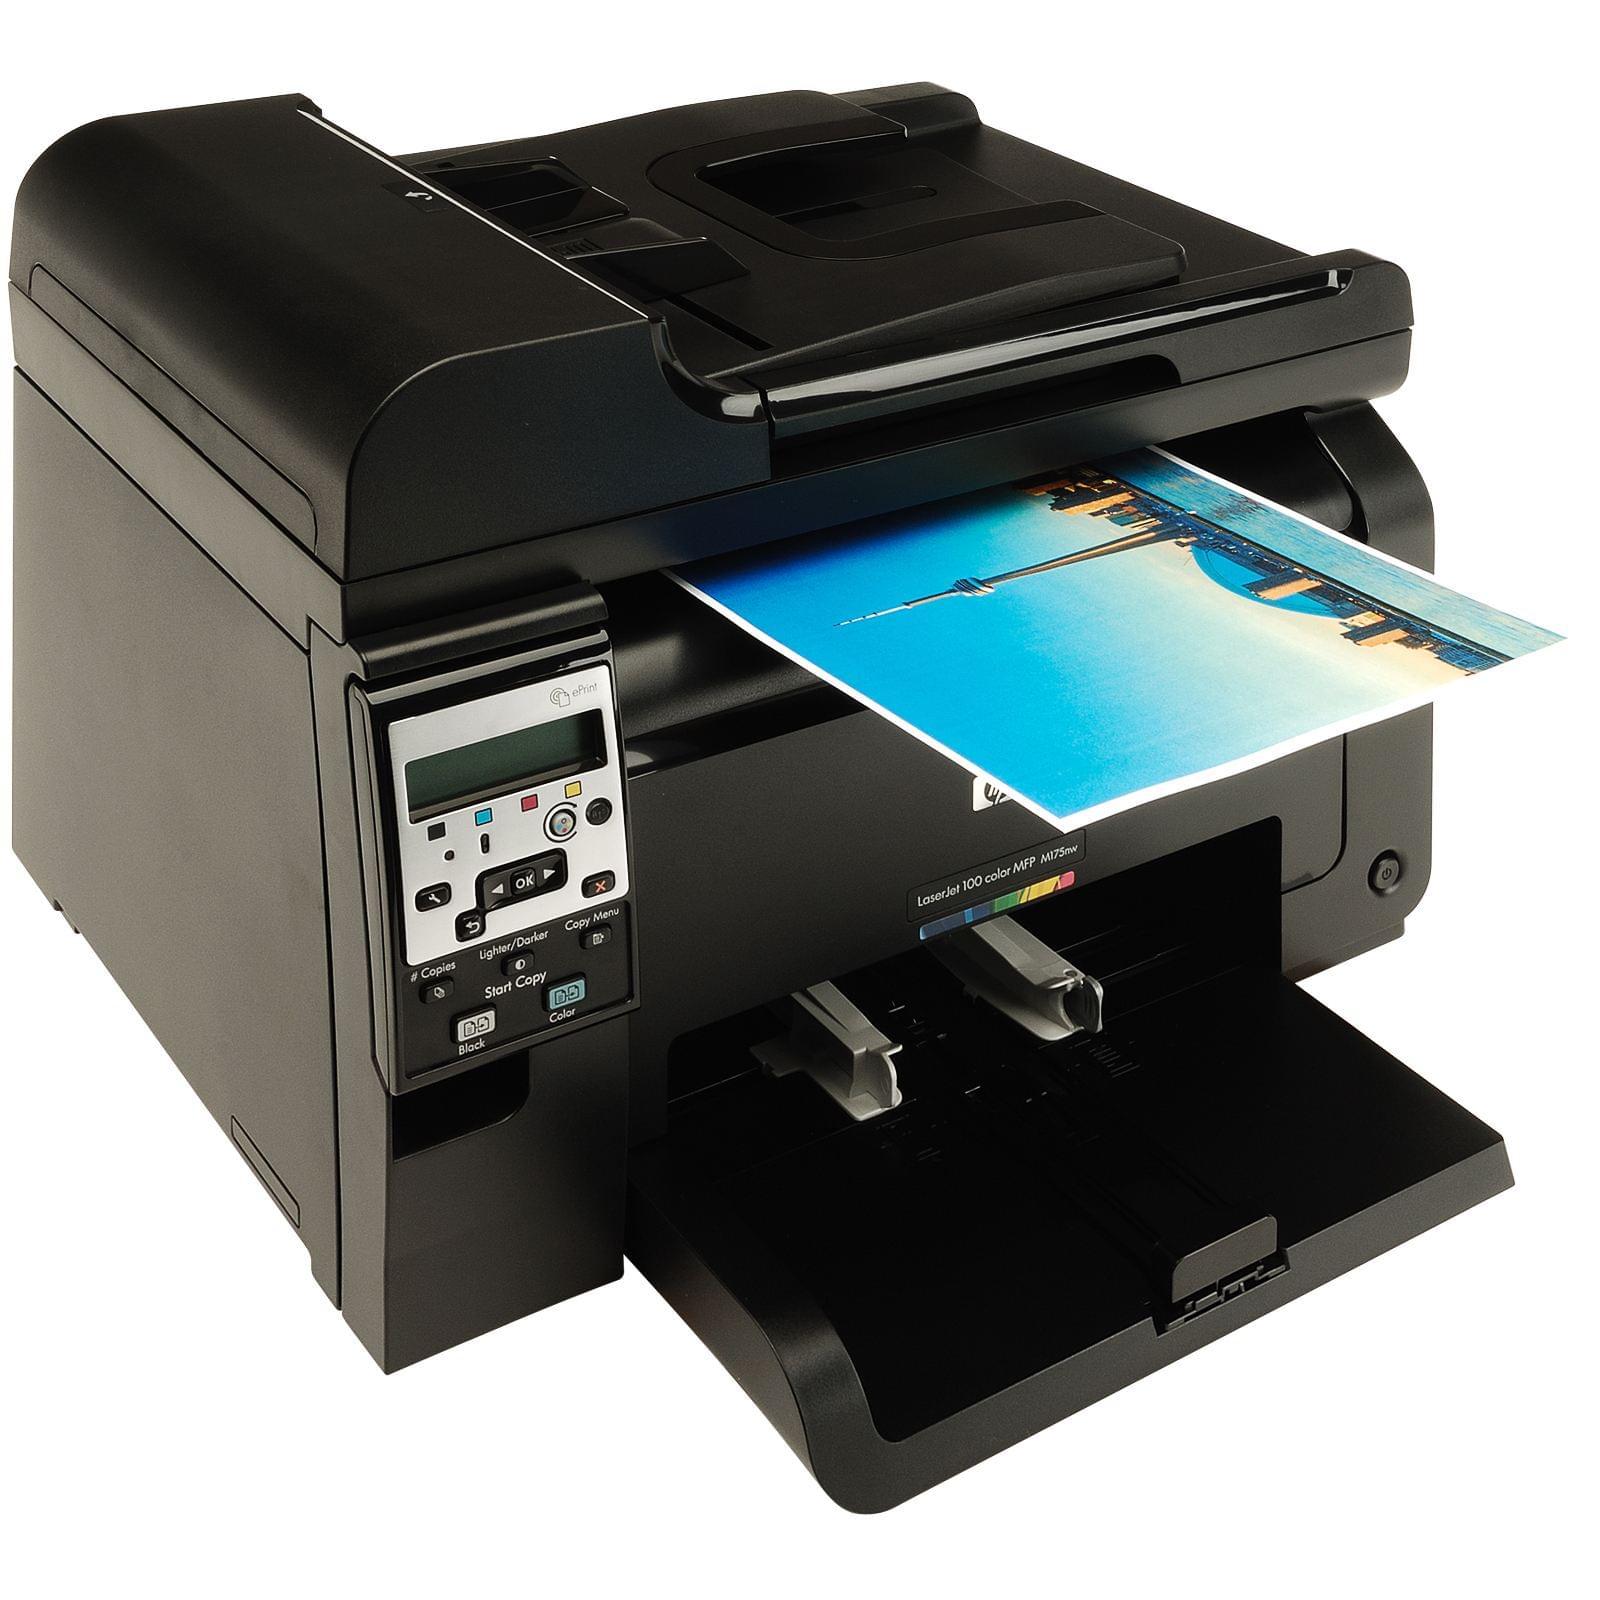 HP LaserJet Pro 100 Color MFP M175nw (CE866A#B19) - Achat / Vente Imprimante Multifonction sur Cybertek.fr - 0